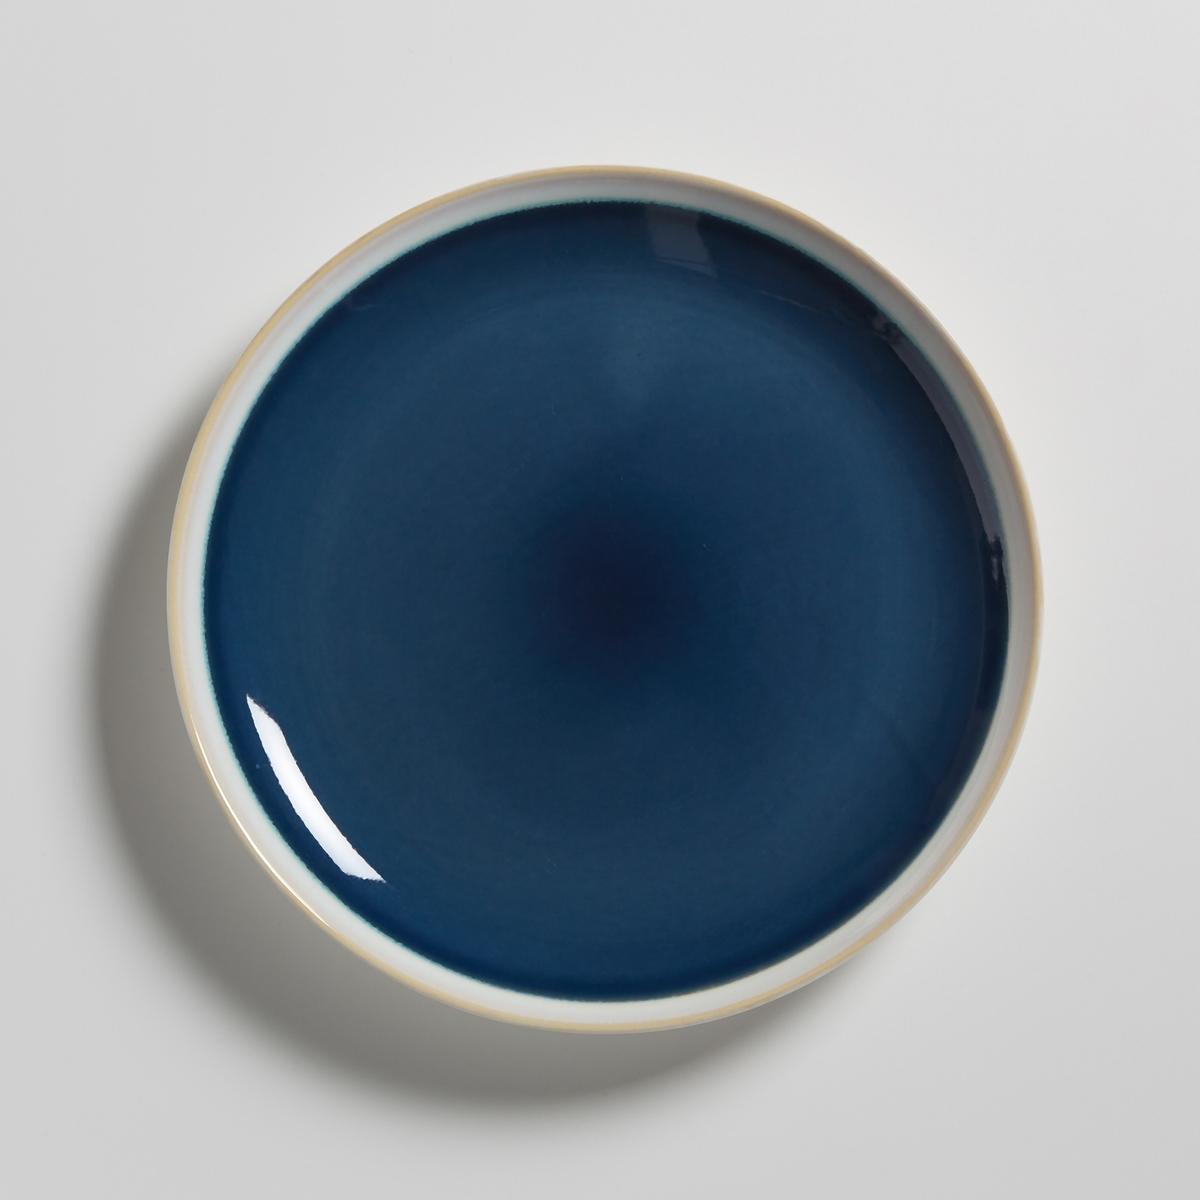 Комплект из 4 десертных тарелок из керамики, DEONIE комплект из 4 глубоких тарелок из керамики deonie